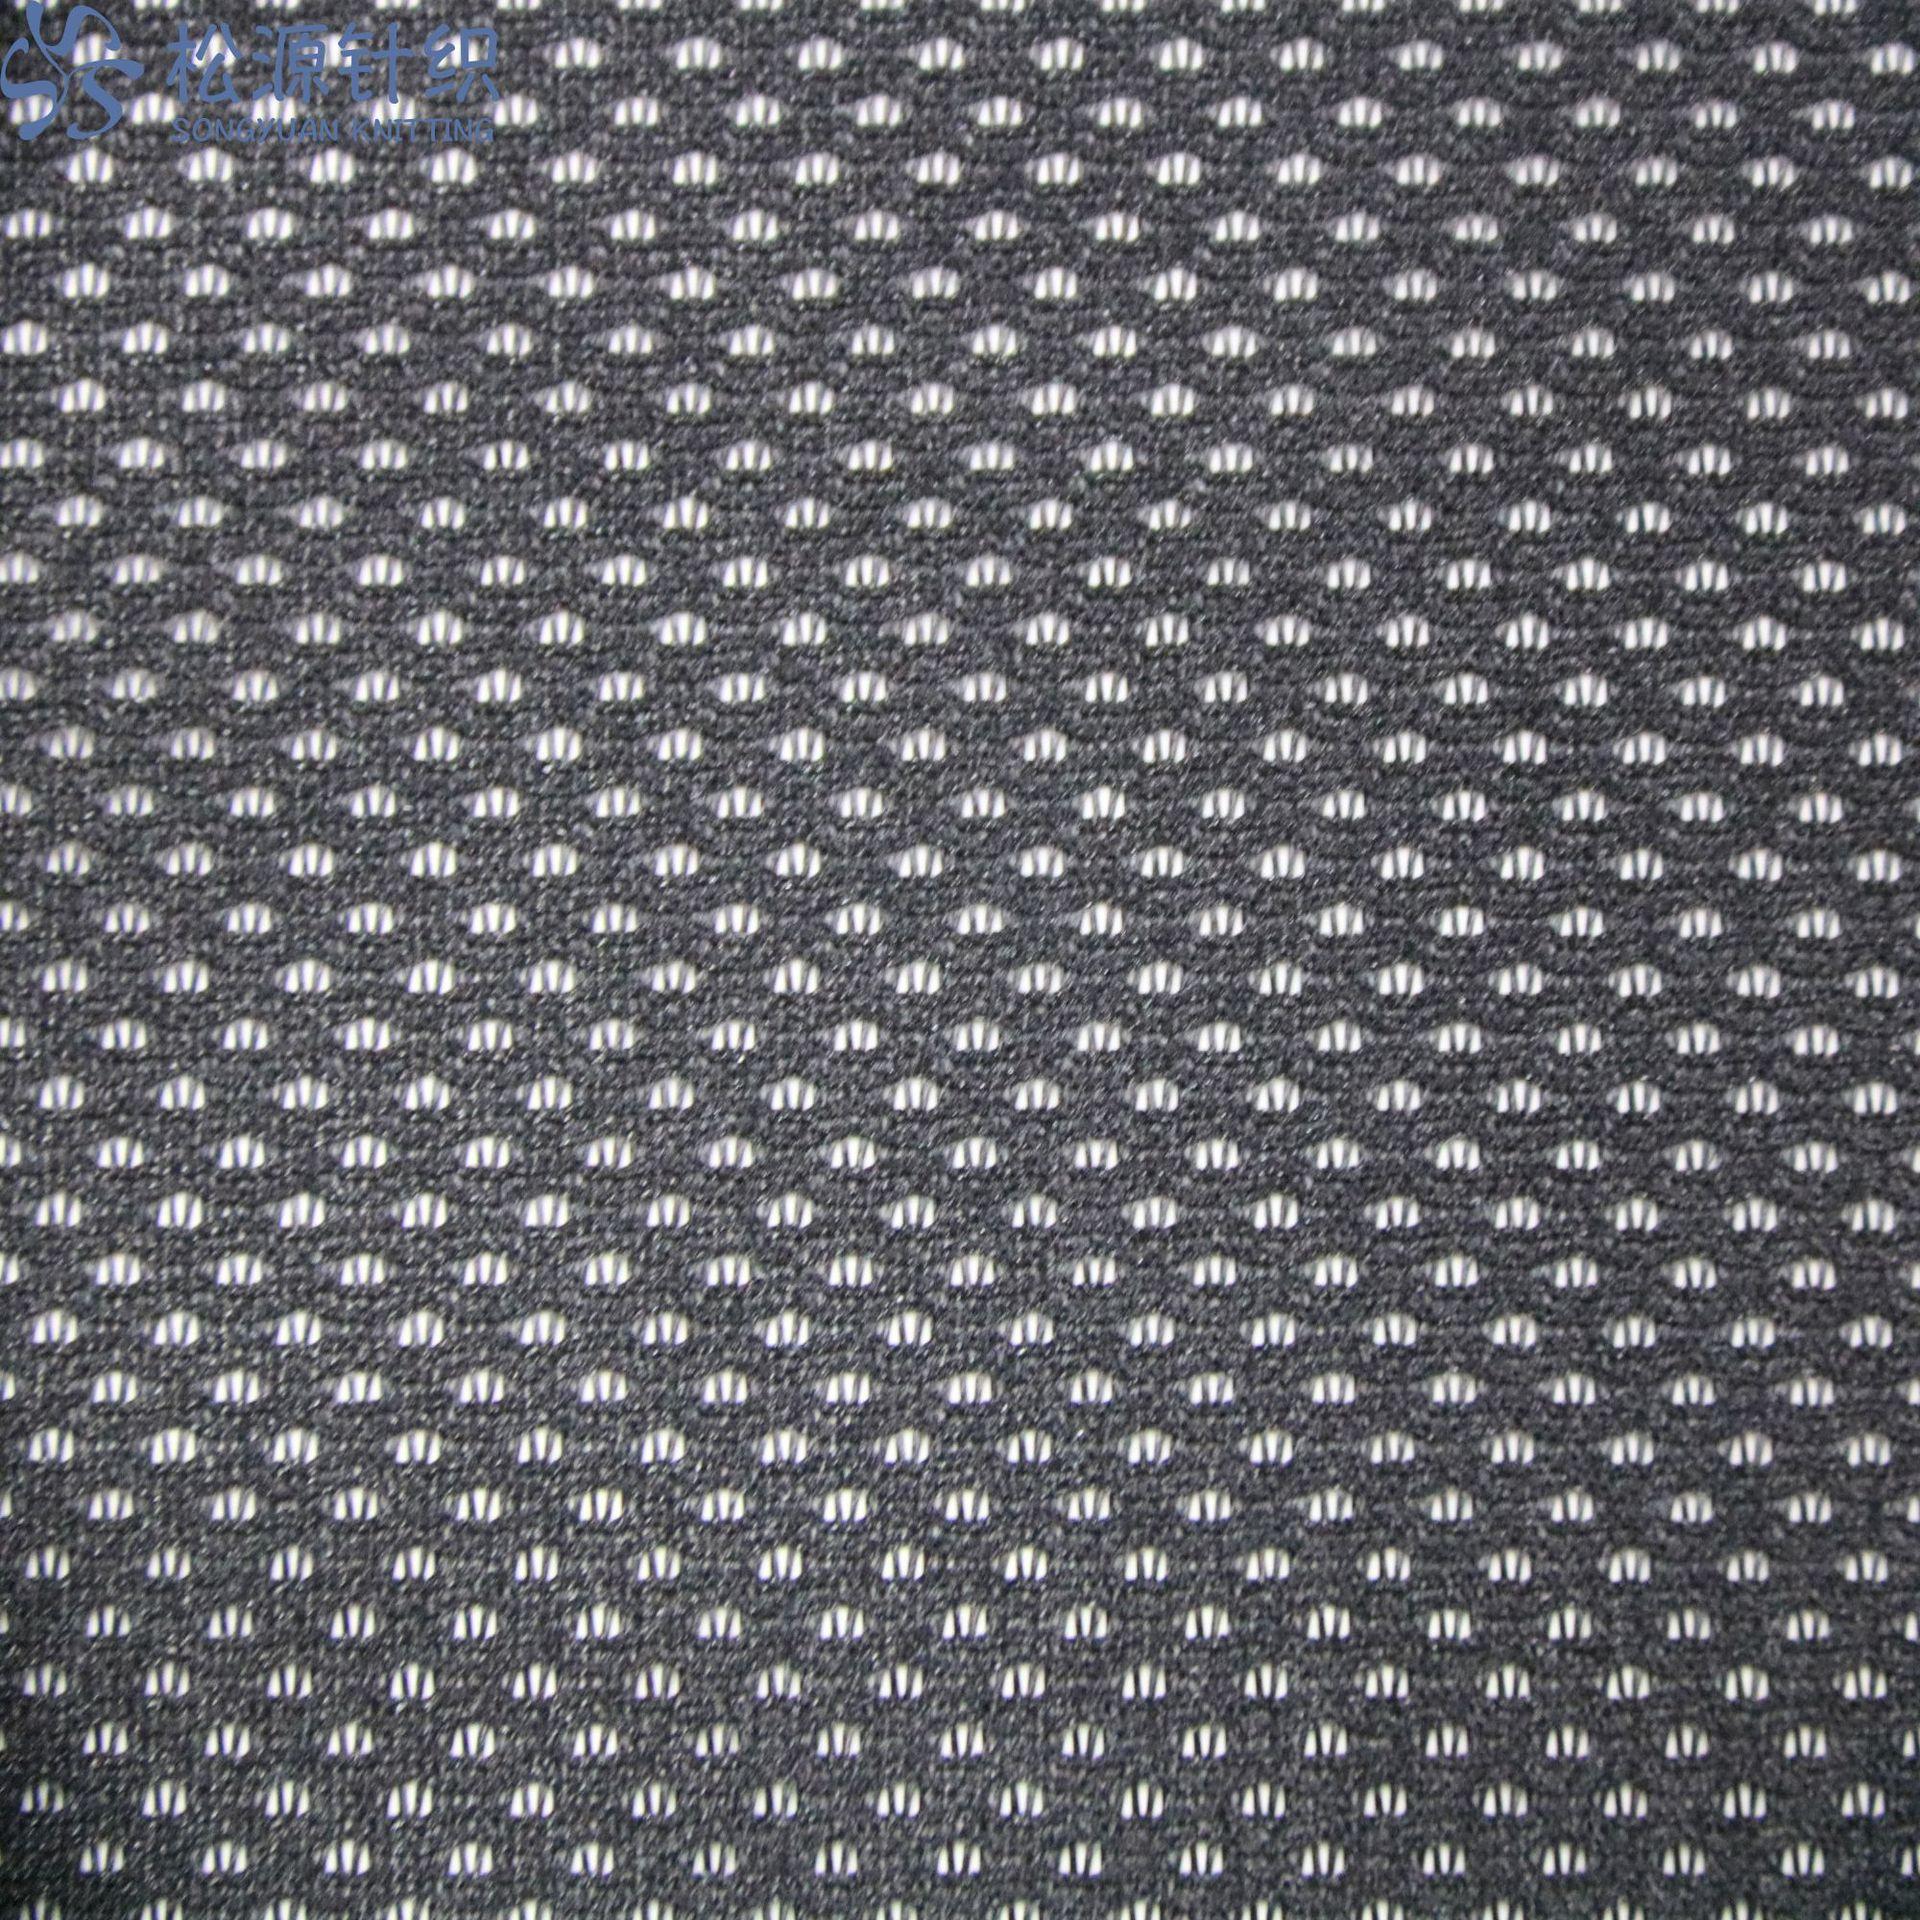 Vải lưới Bán hàng trực tiếp tại nhà máy, polyester, sợi có độ đàn hồi thấp, lưới lớn, nhanh khô, lướ